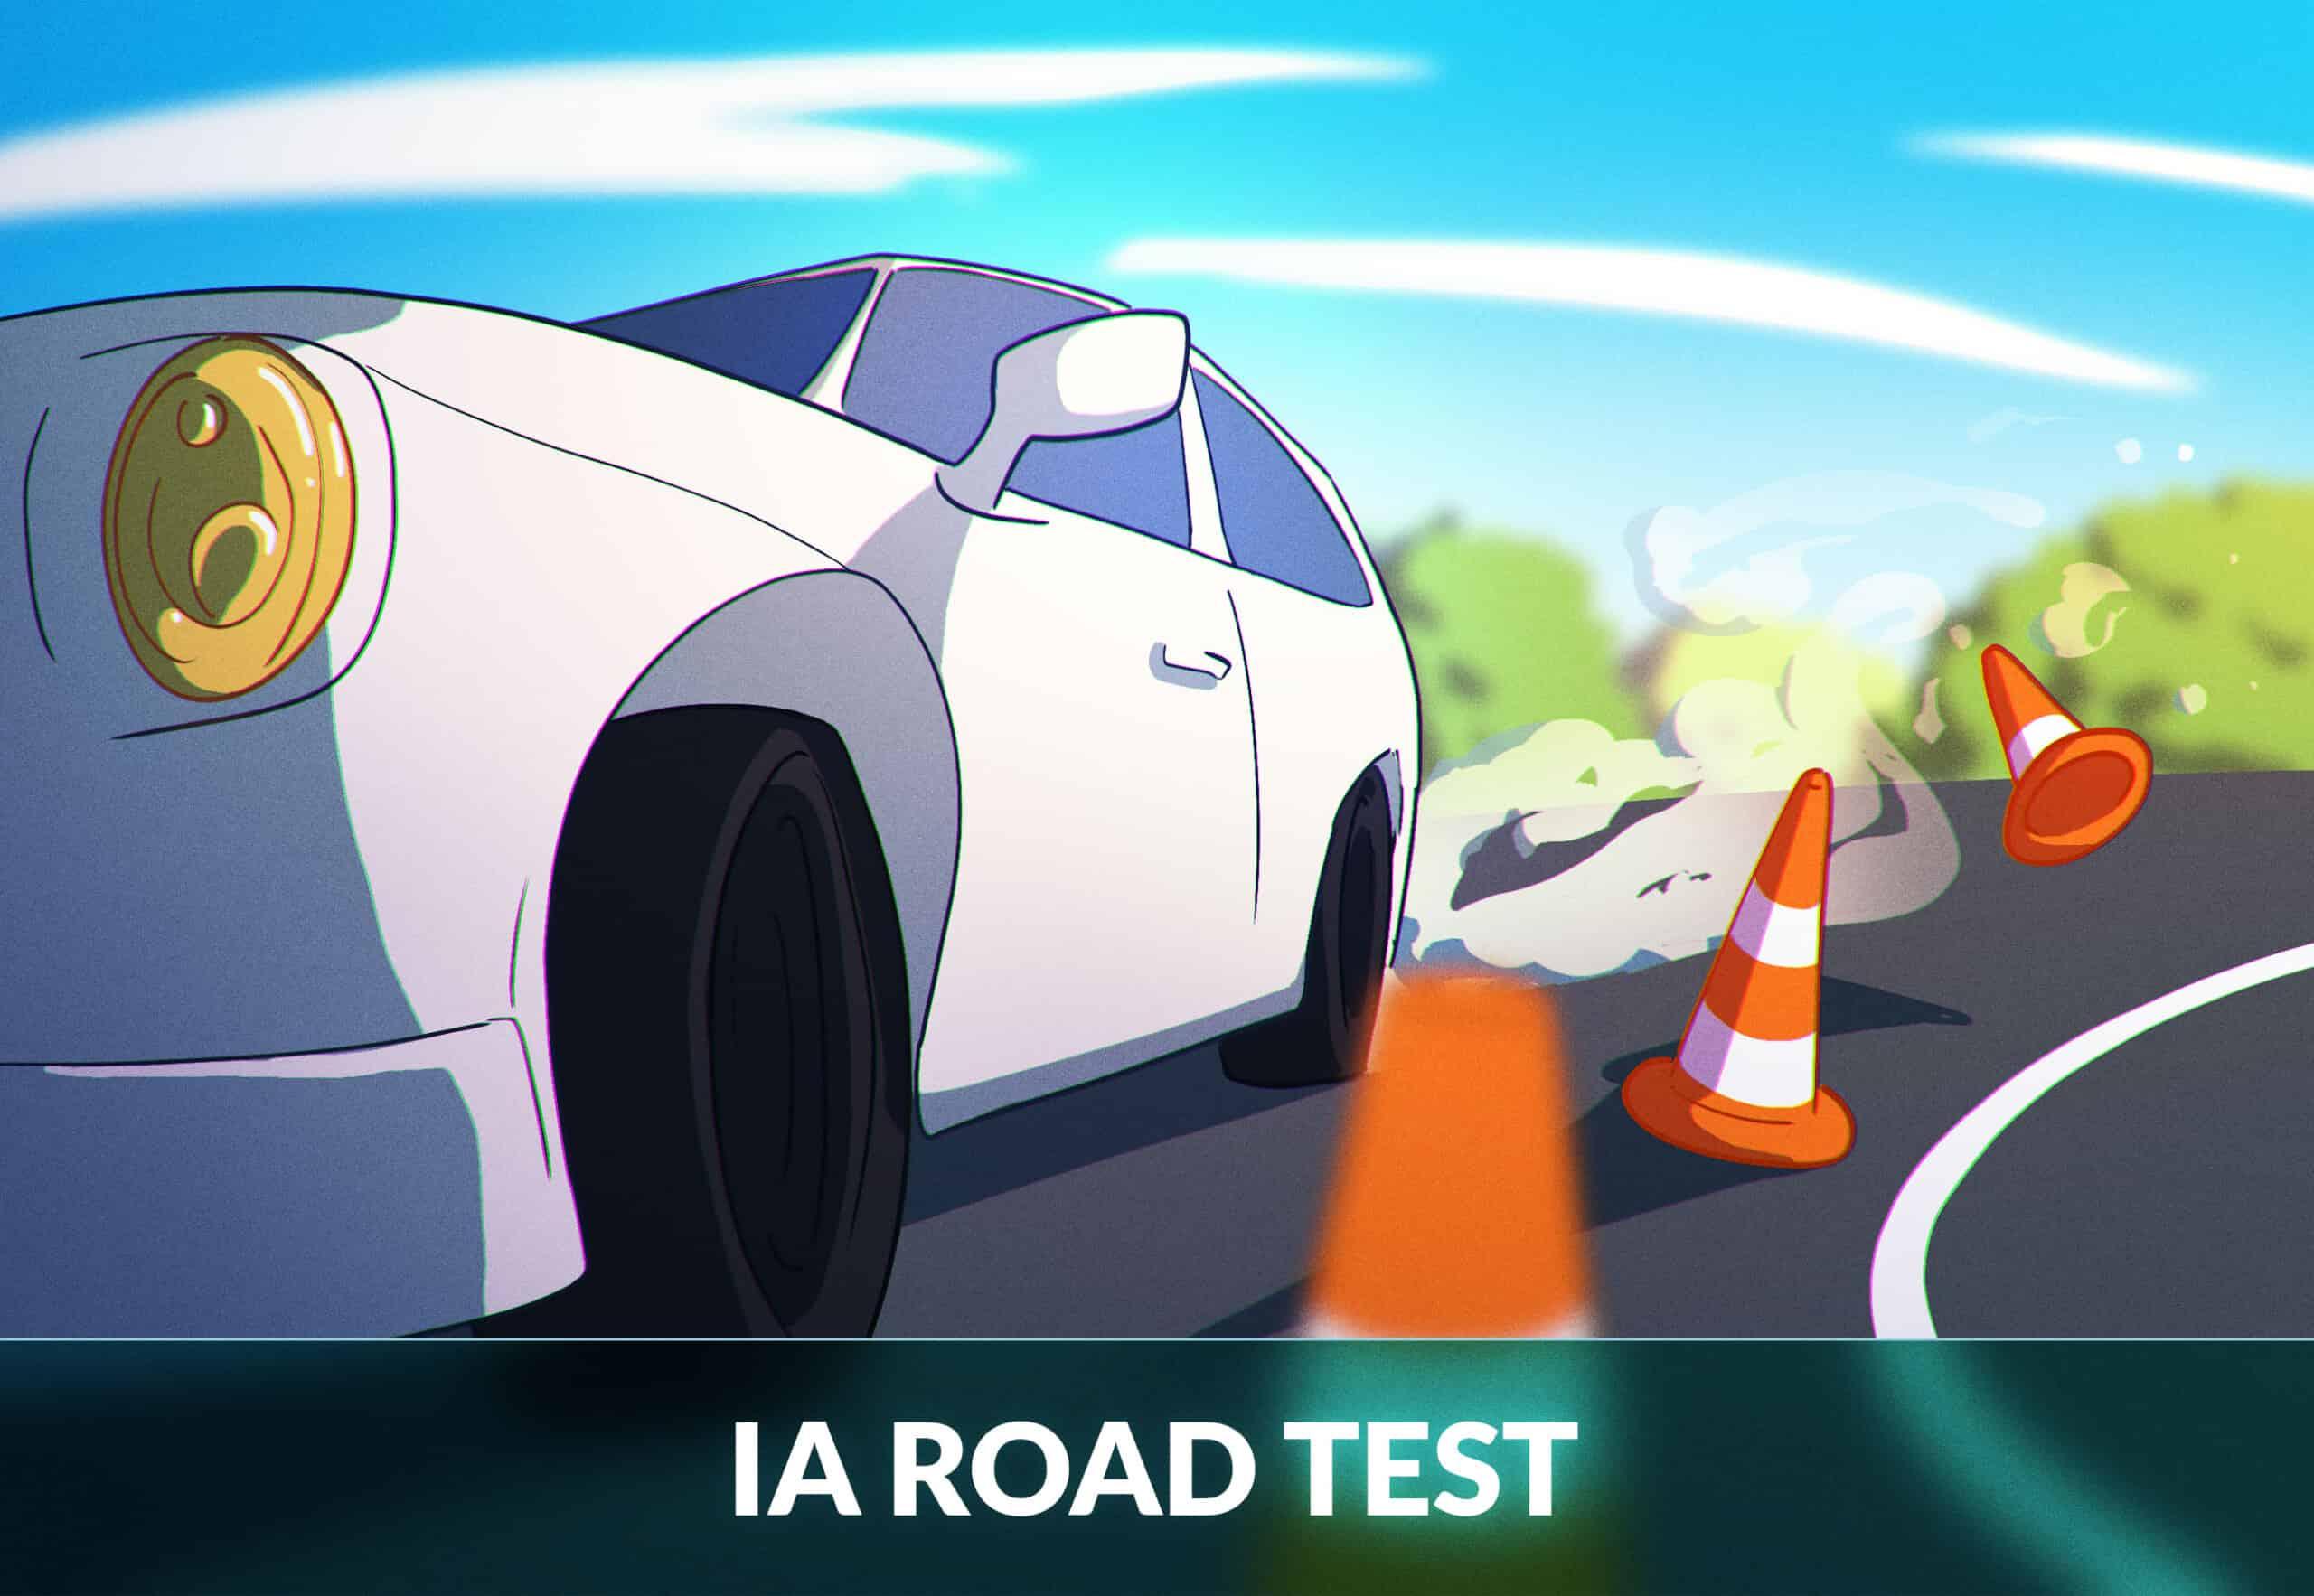 Iowa road test